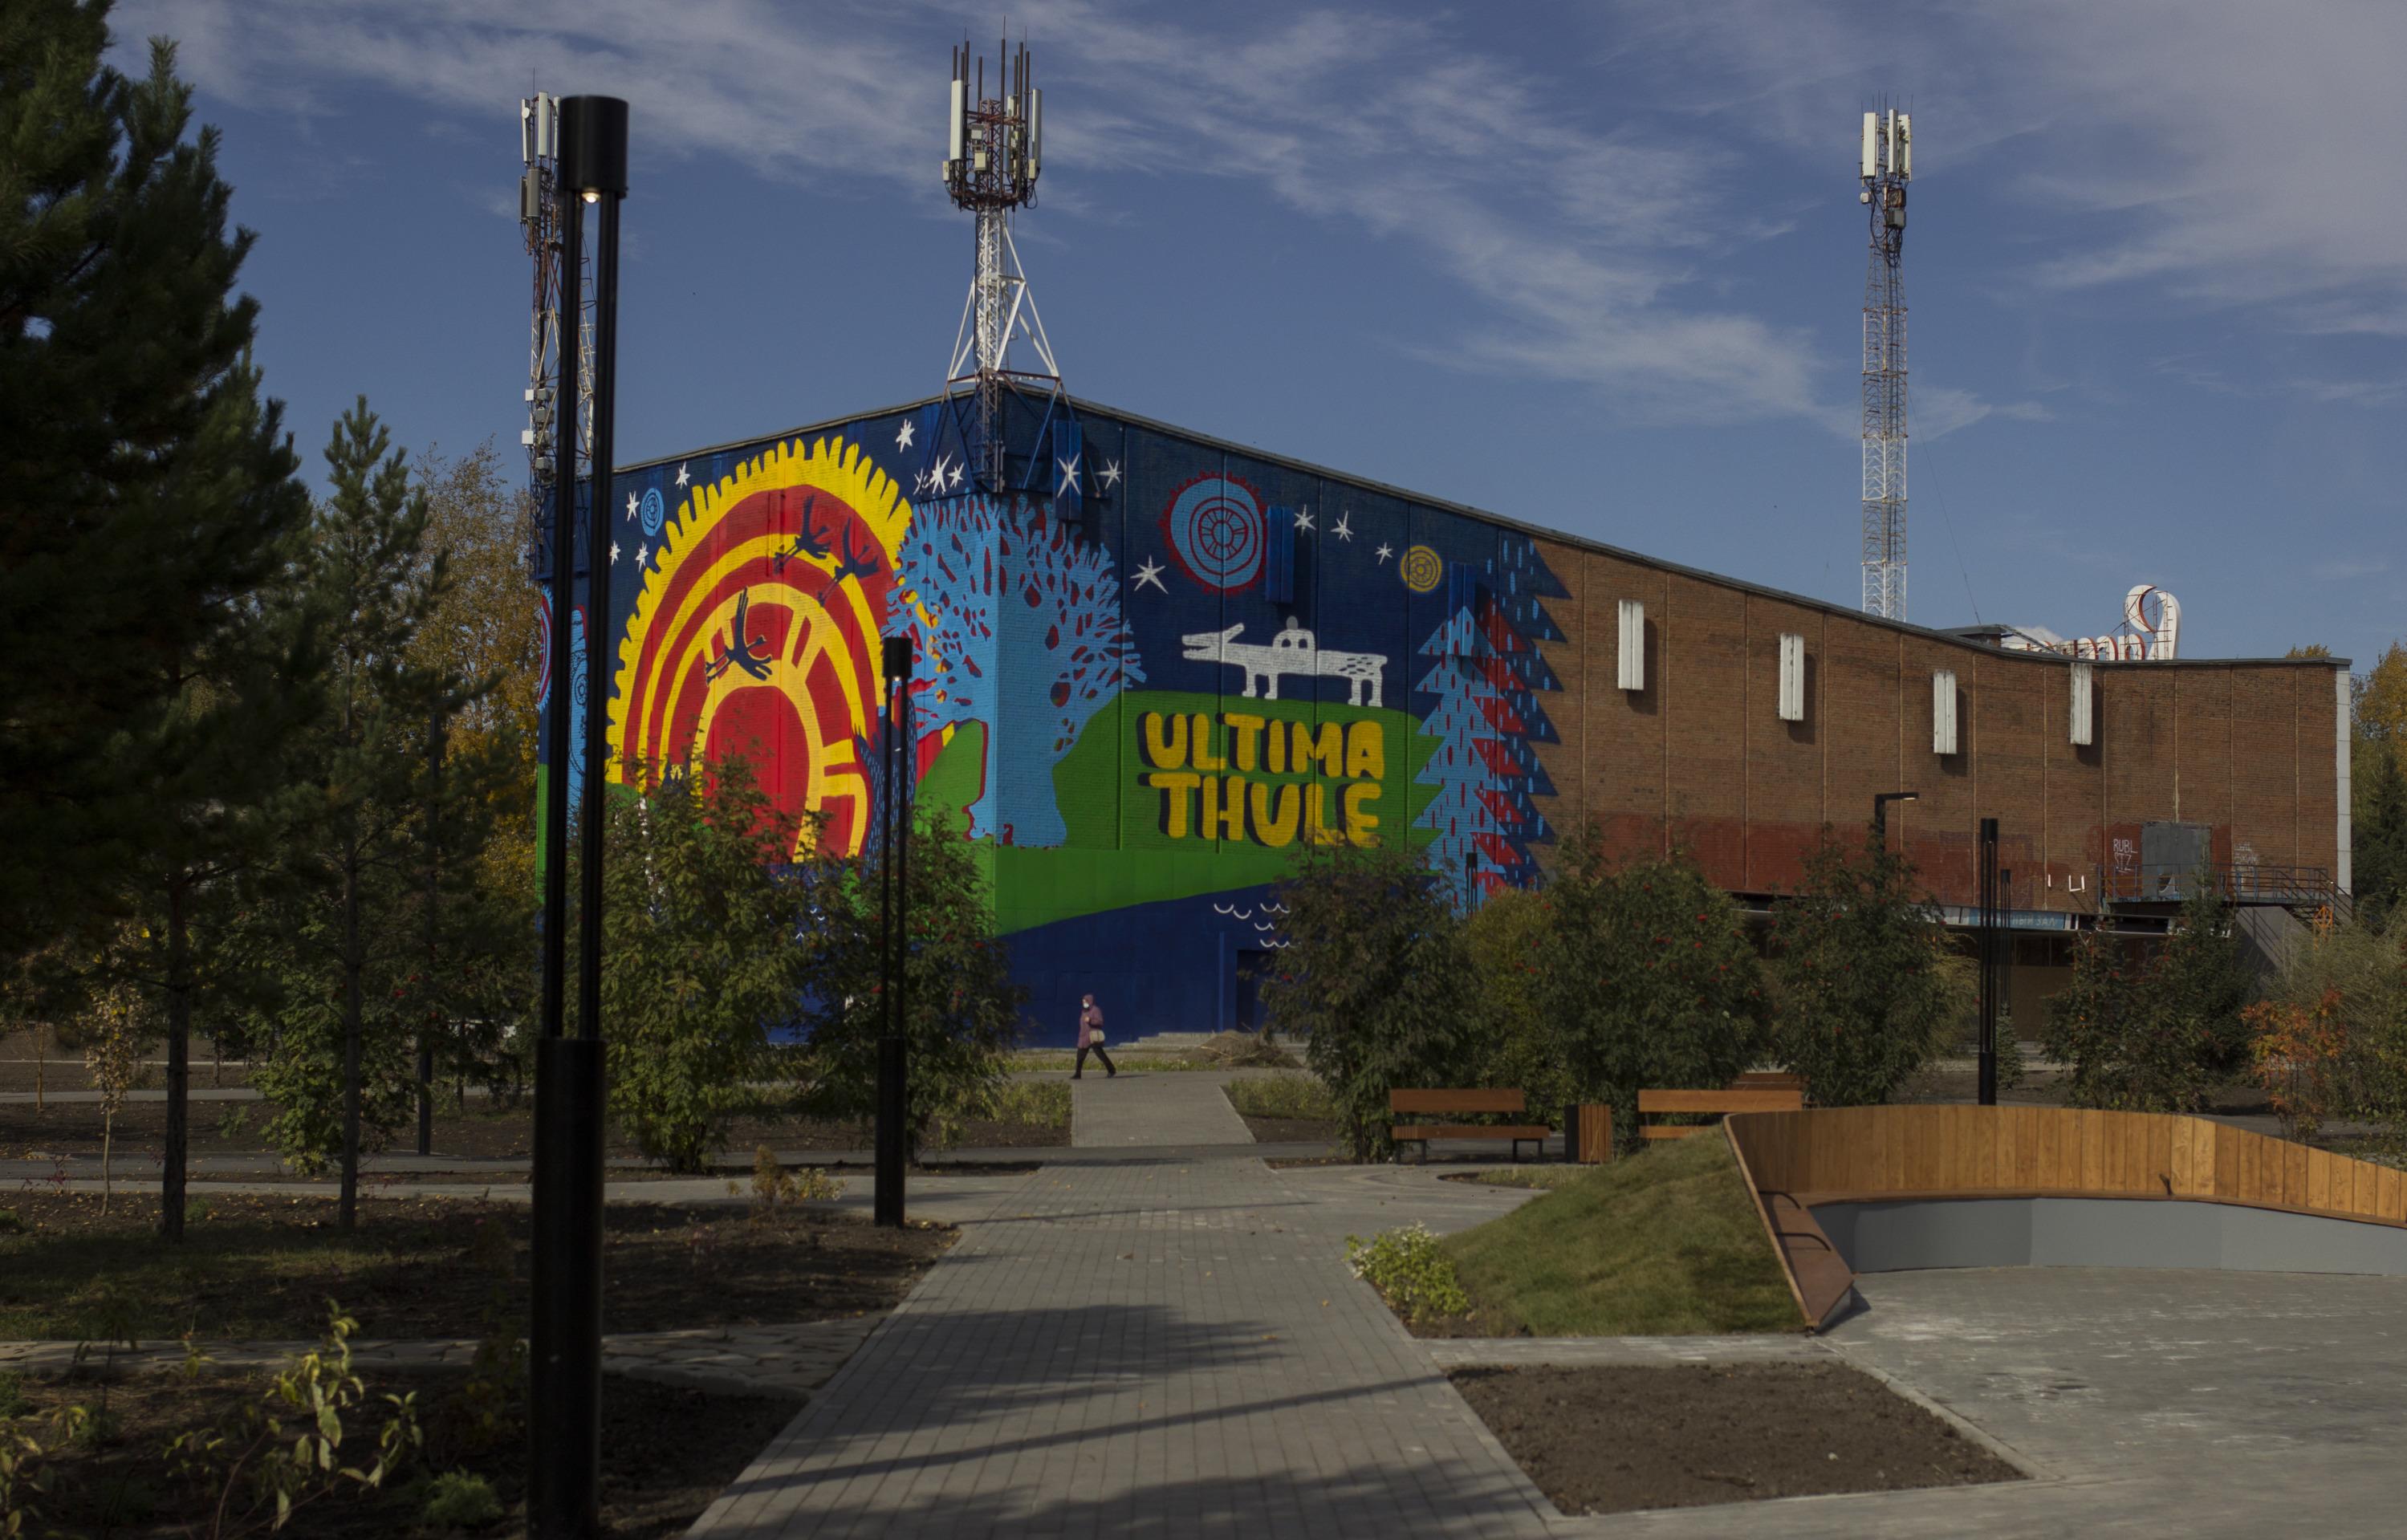 На фасаде здания кинотеатра«Рассвет» появилось яркое граффито Ultima Thule, что в перевод с латинского языка означает «край света»